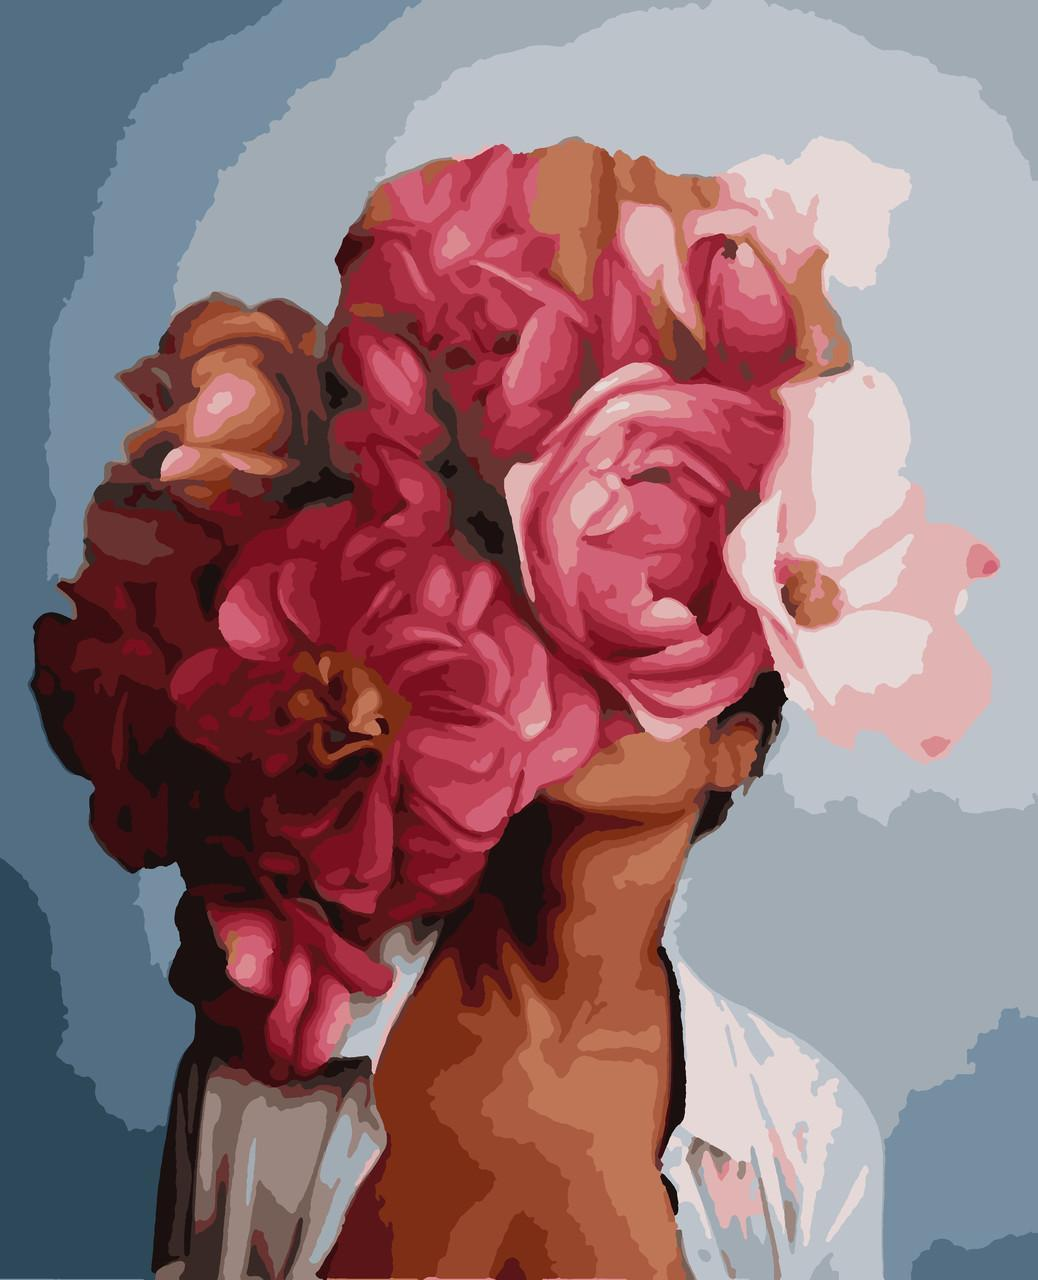 Картина рисование по номерам Жіноча фантазія PN7604 Artissimo 40х50см розпис за номерами набір, фарби, пензлі,